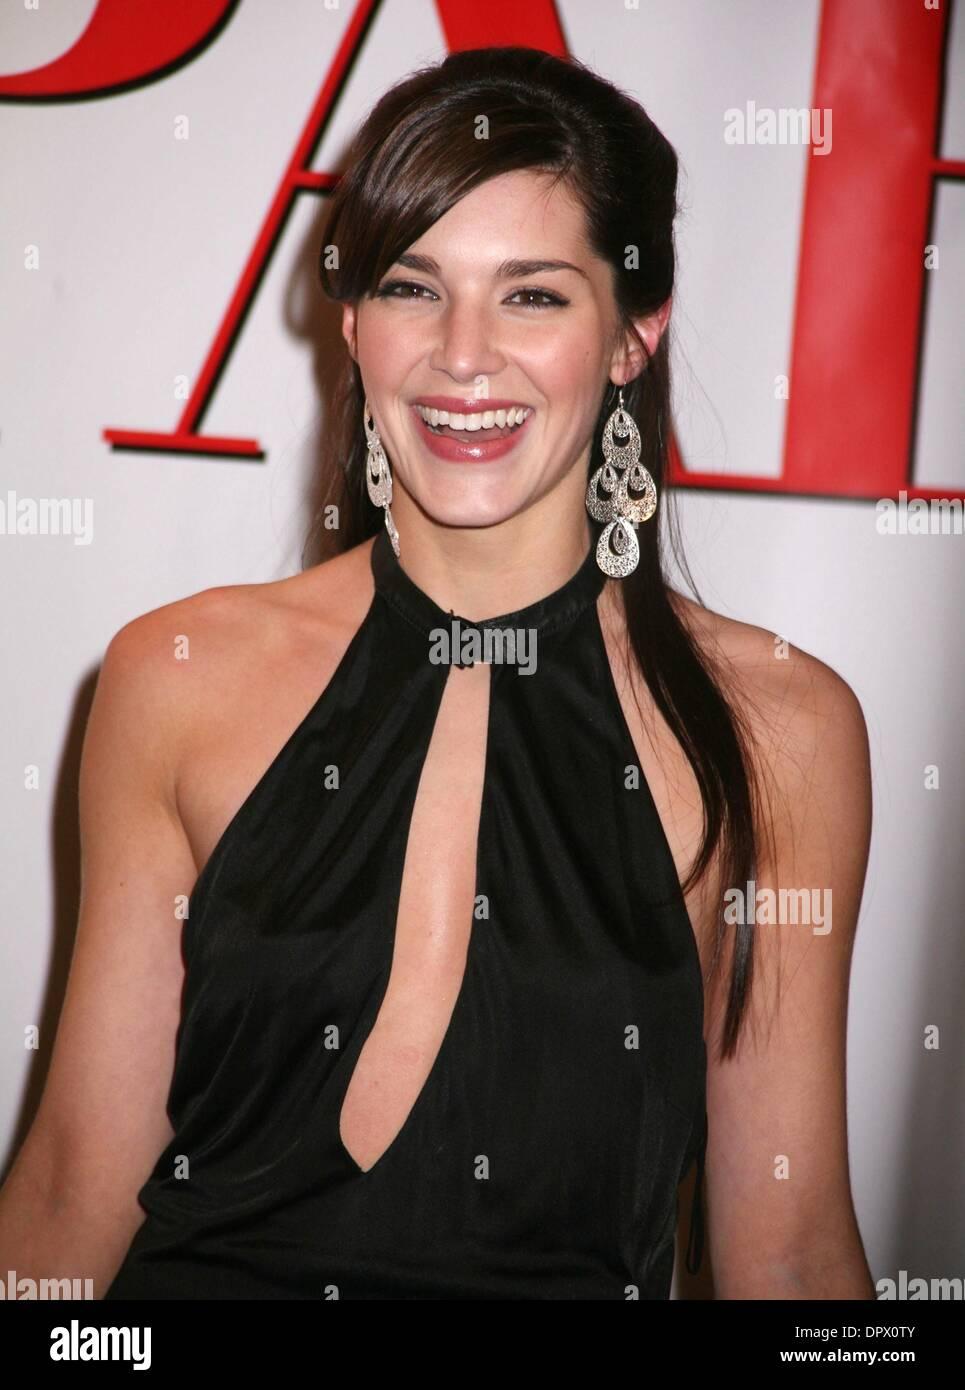 Casey Calvert (actress) picture